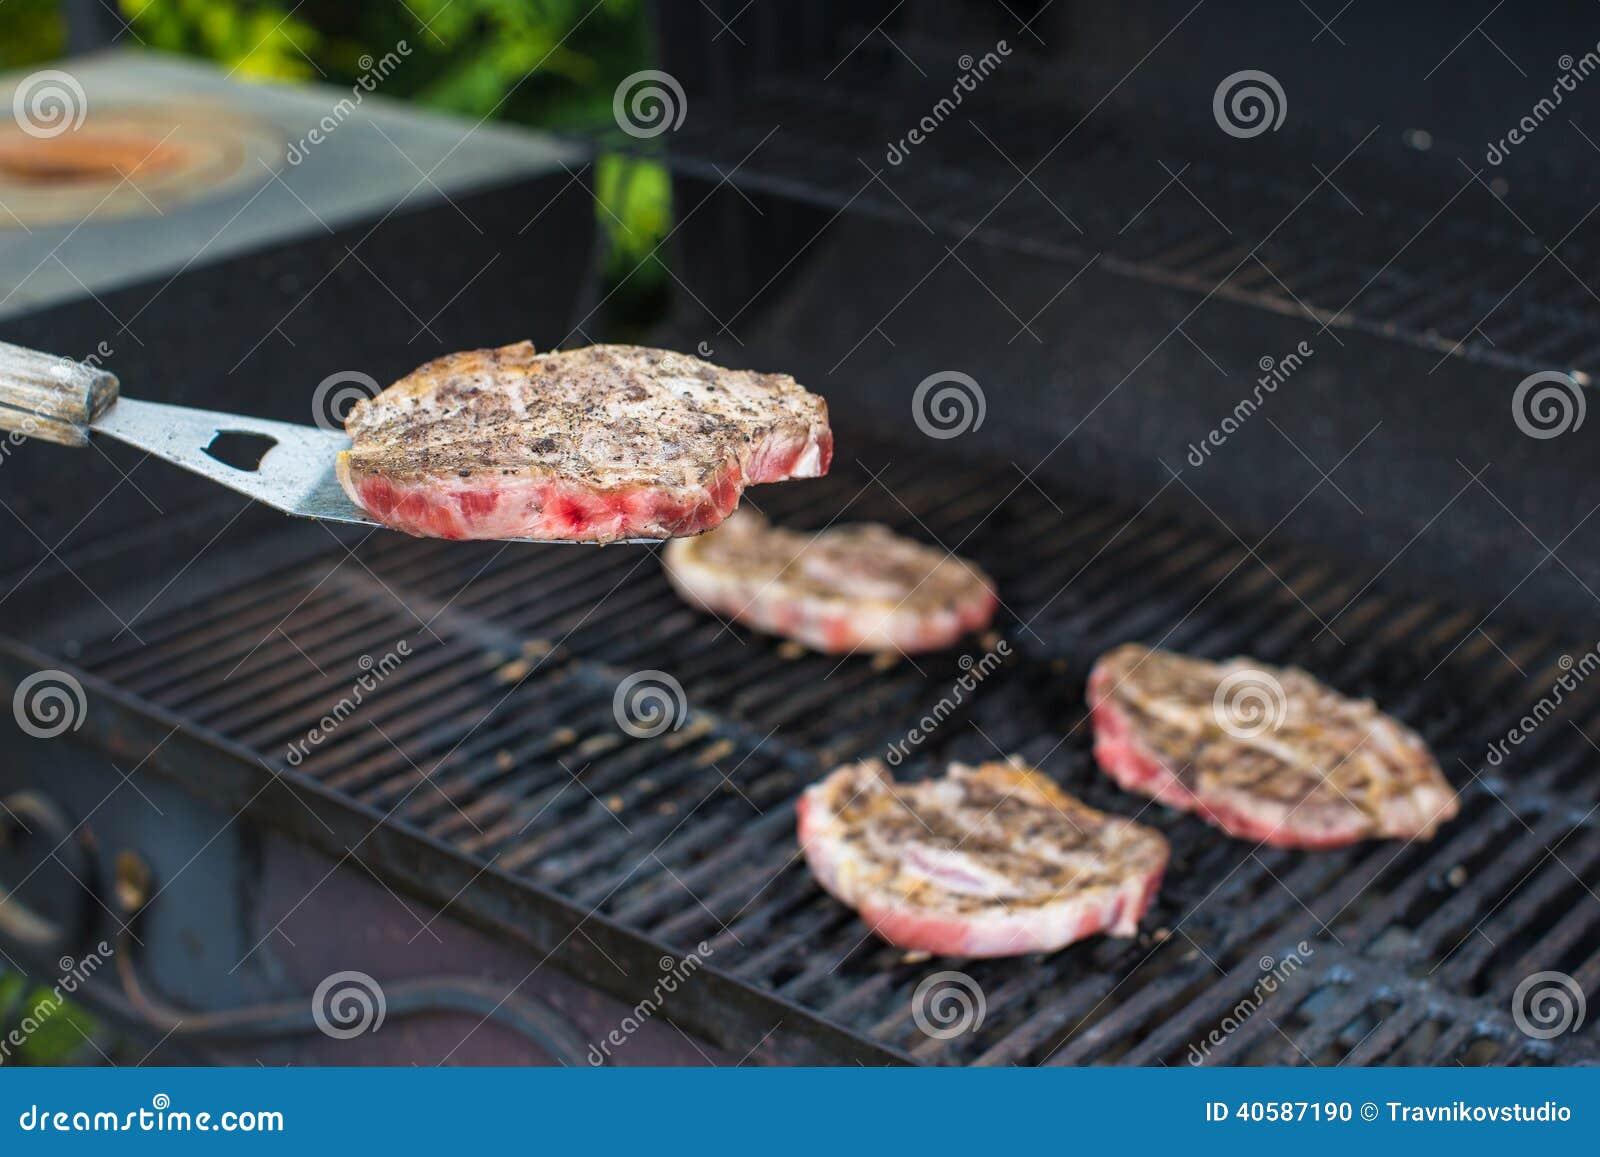 Свежее сочное мясо на открытом барбекю